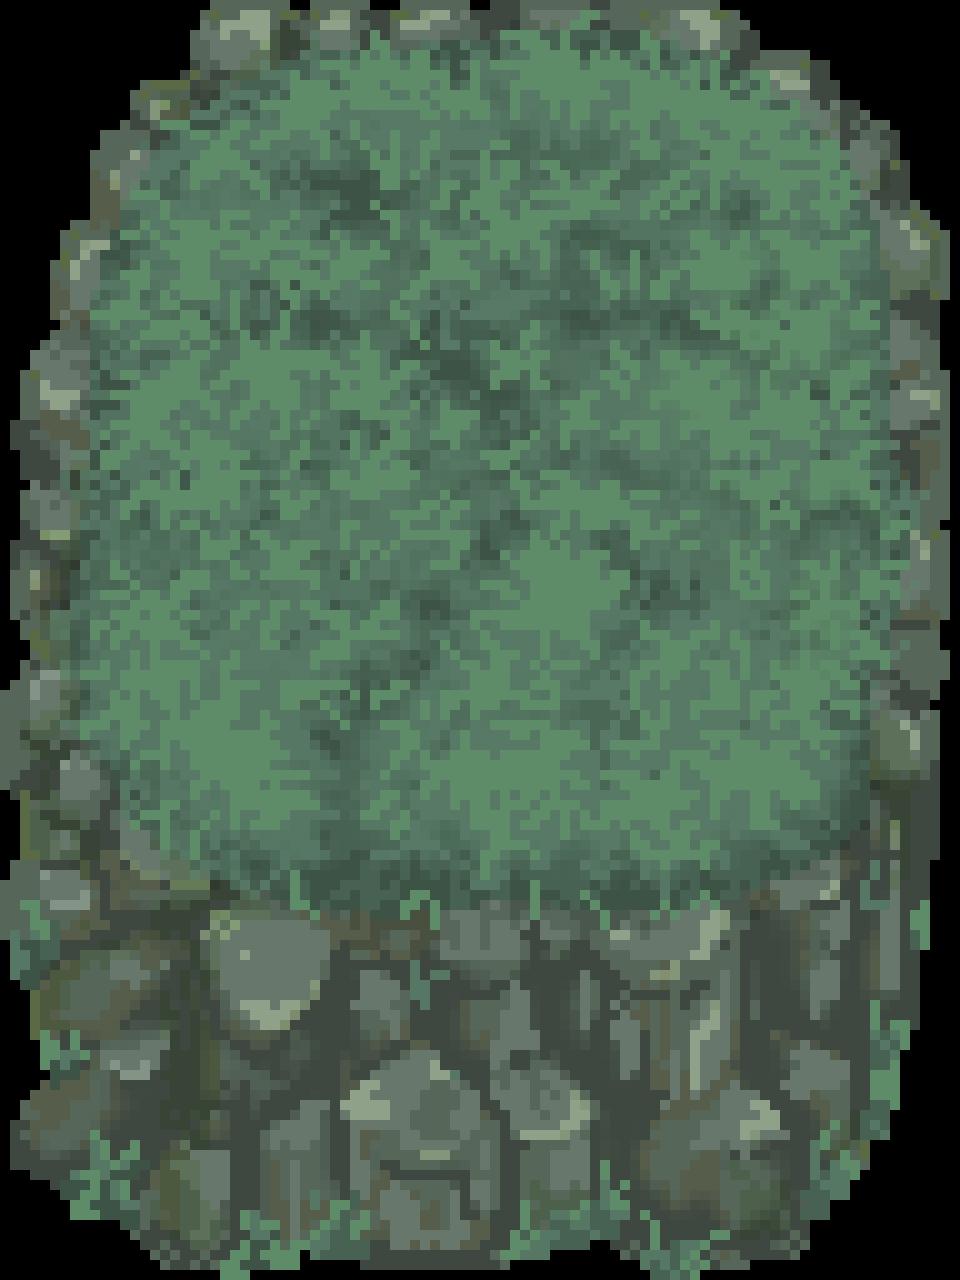 Grassy Rock Outcrop Tileset